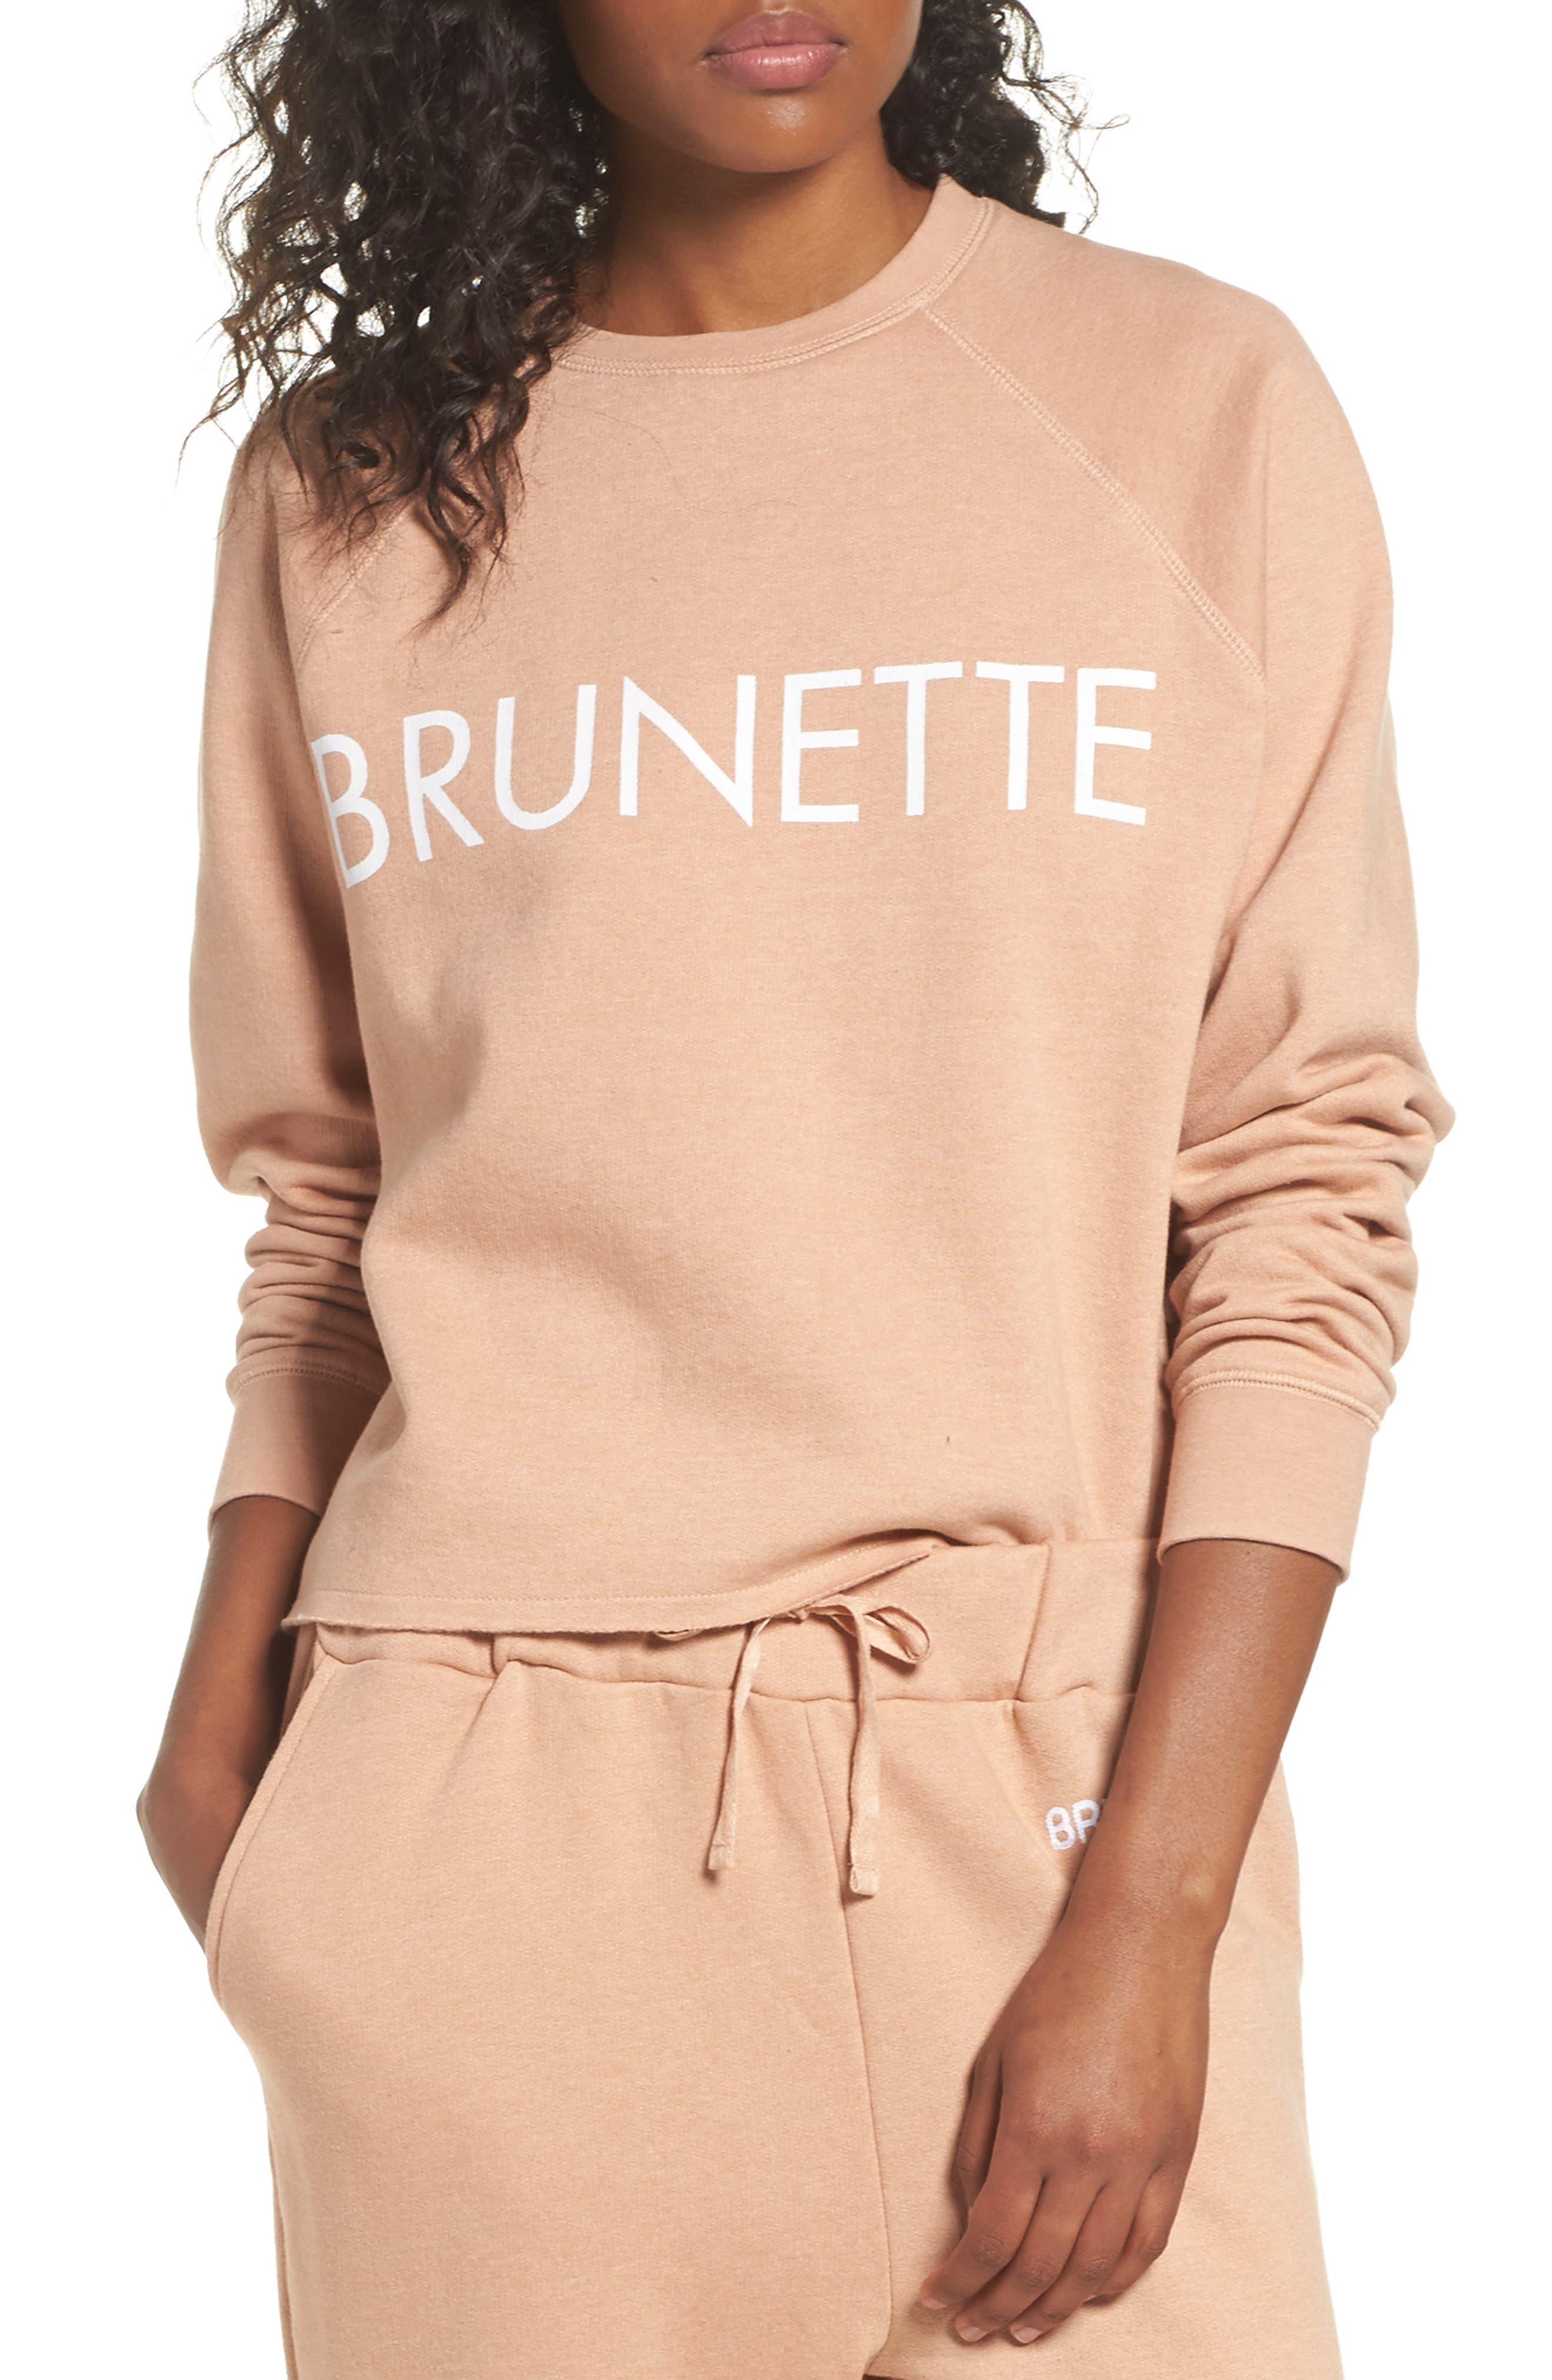 Middle Sister Brunette Sweatshirt,                             Main thumbnail 1, color,                             950